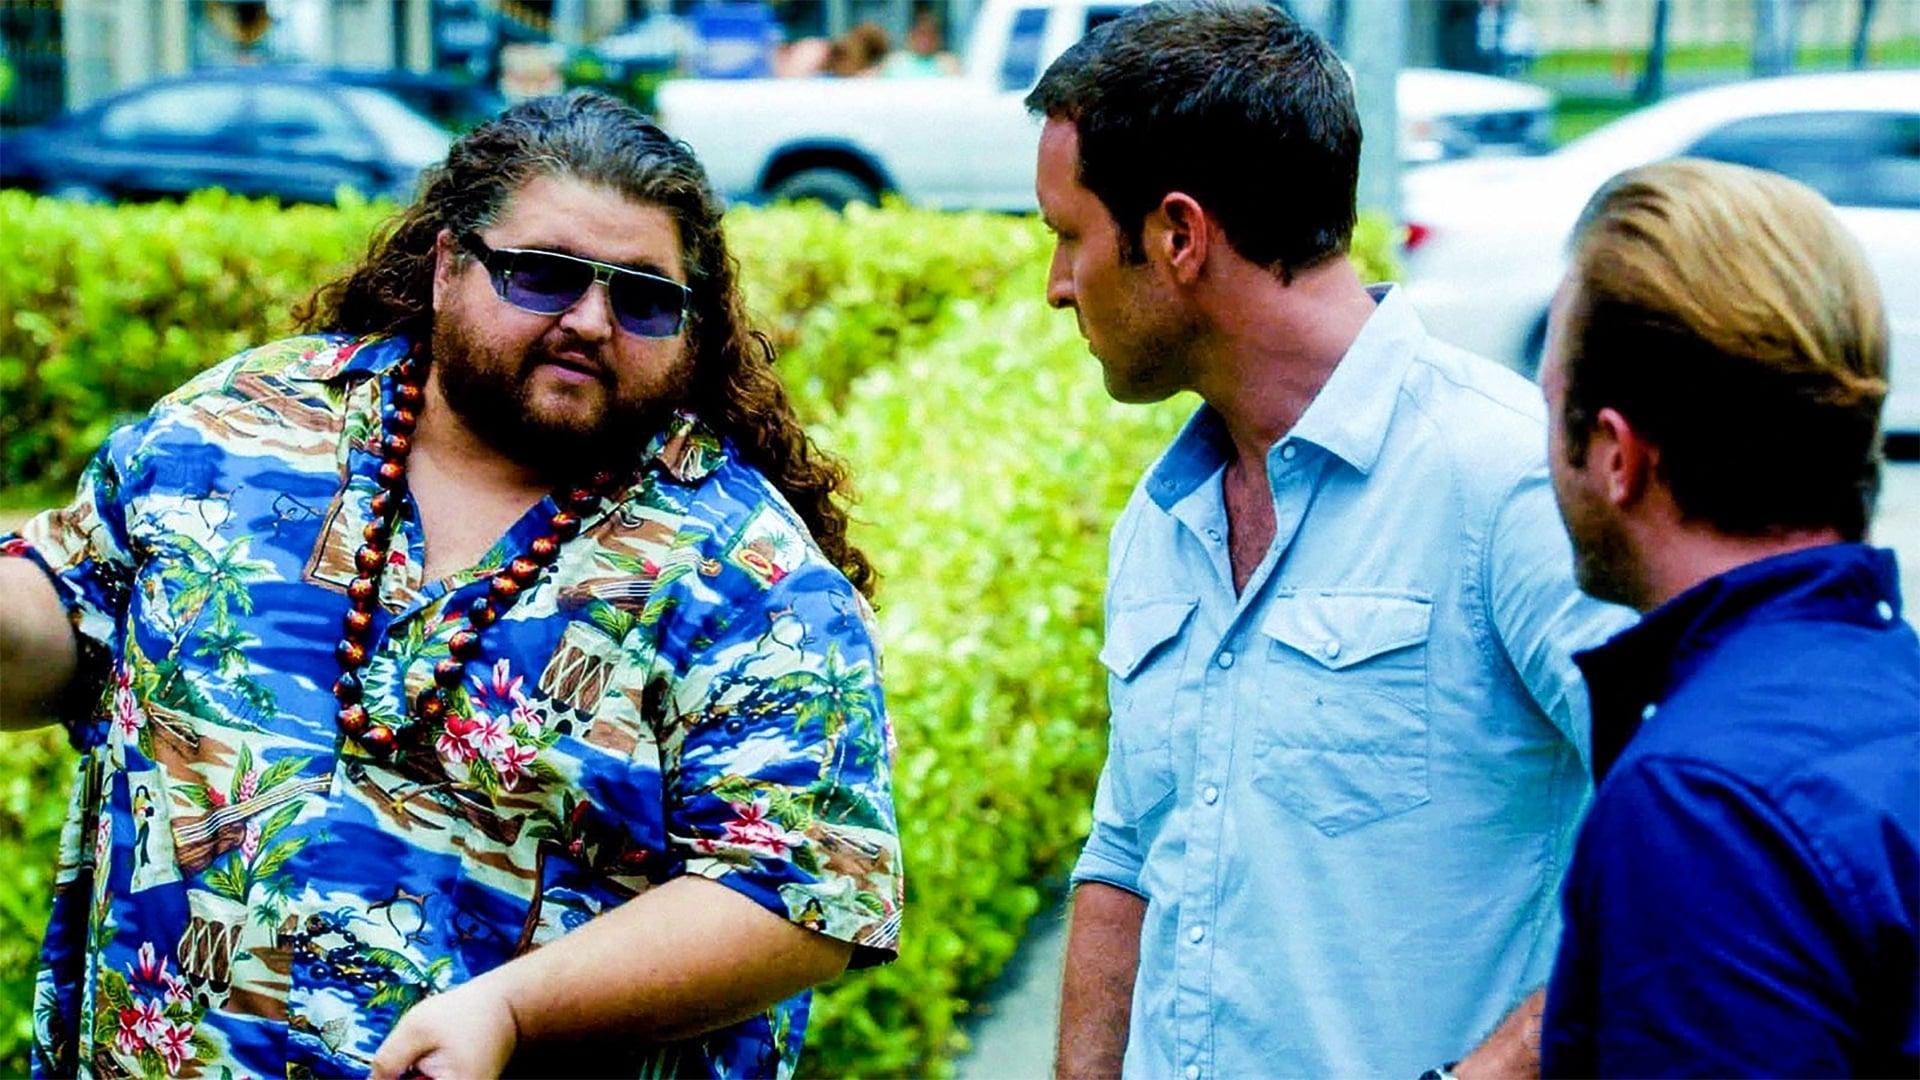 Hawaii Five-0 - Season 4 Episode 3 : Ka'oia I'o Ma Loko